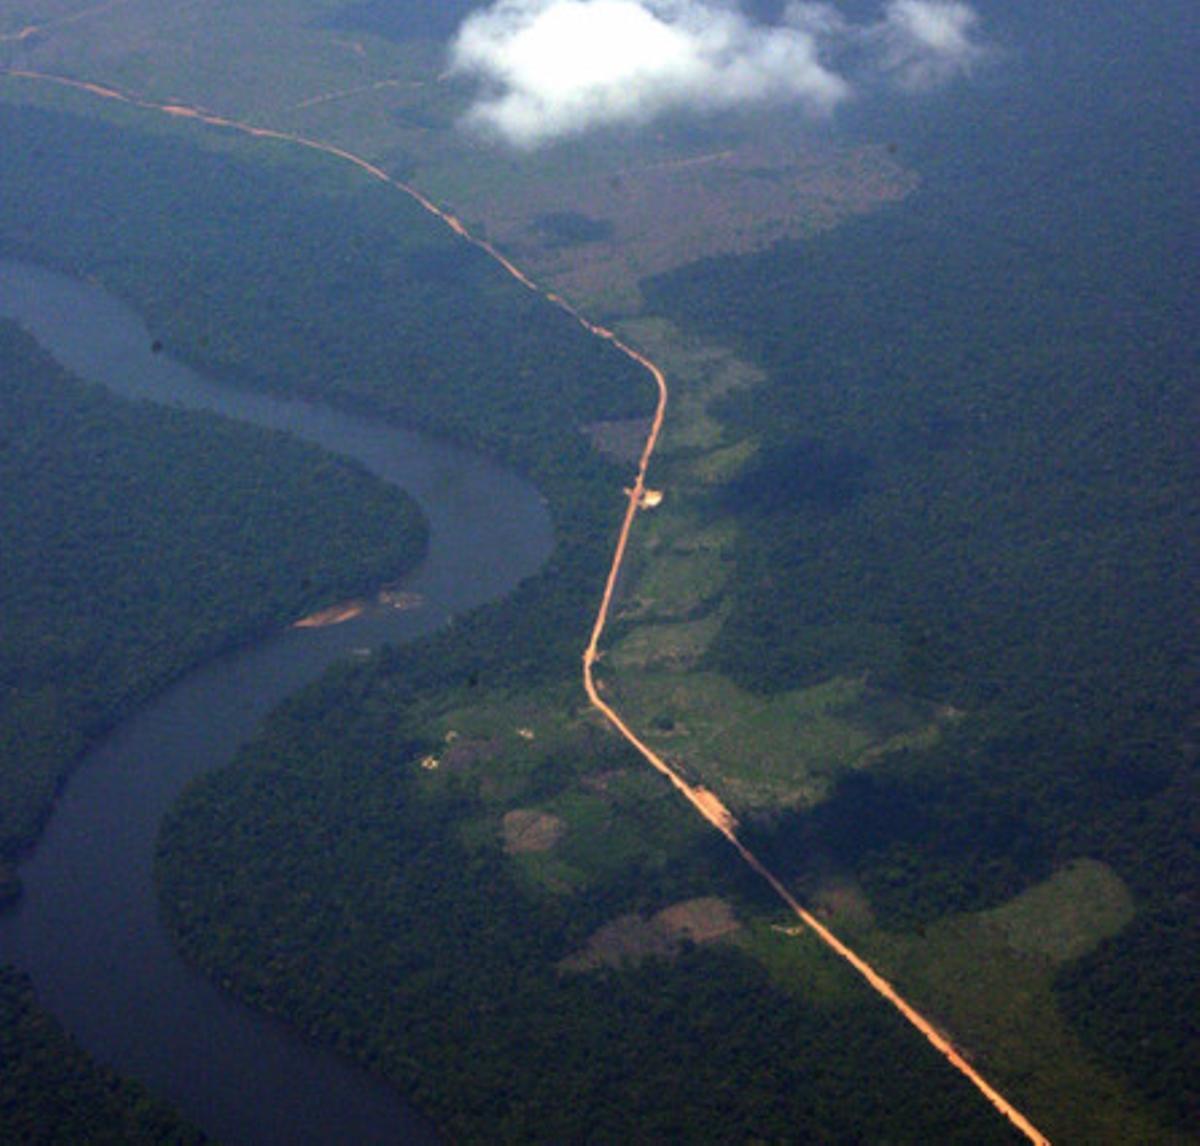 Vista aérea de la selva amazónica, que muestra la deforestación a lo largo de ambos lados de la carretera Trans-Amazónica.